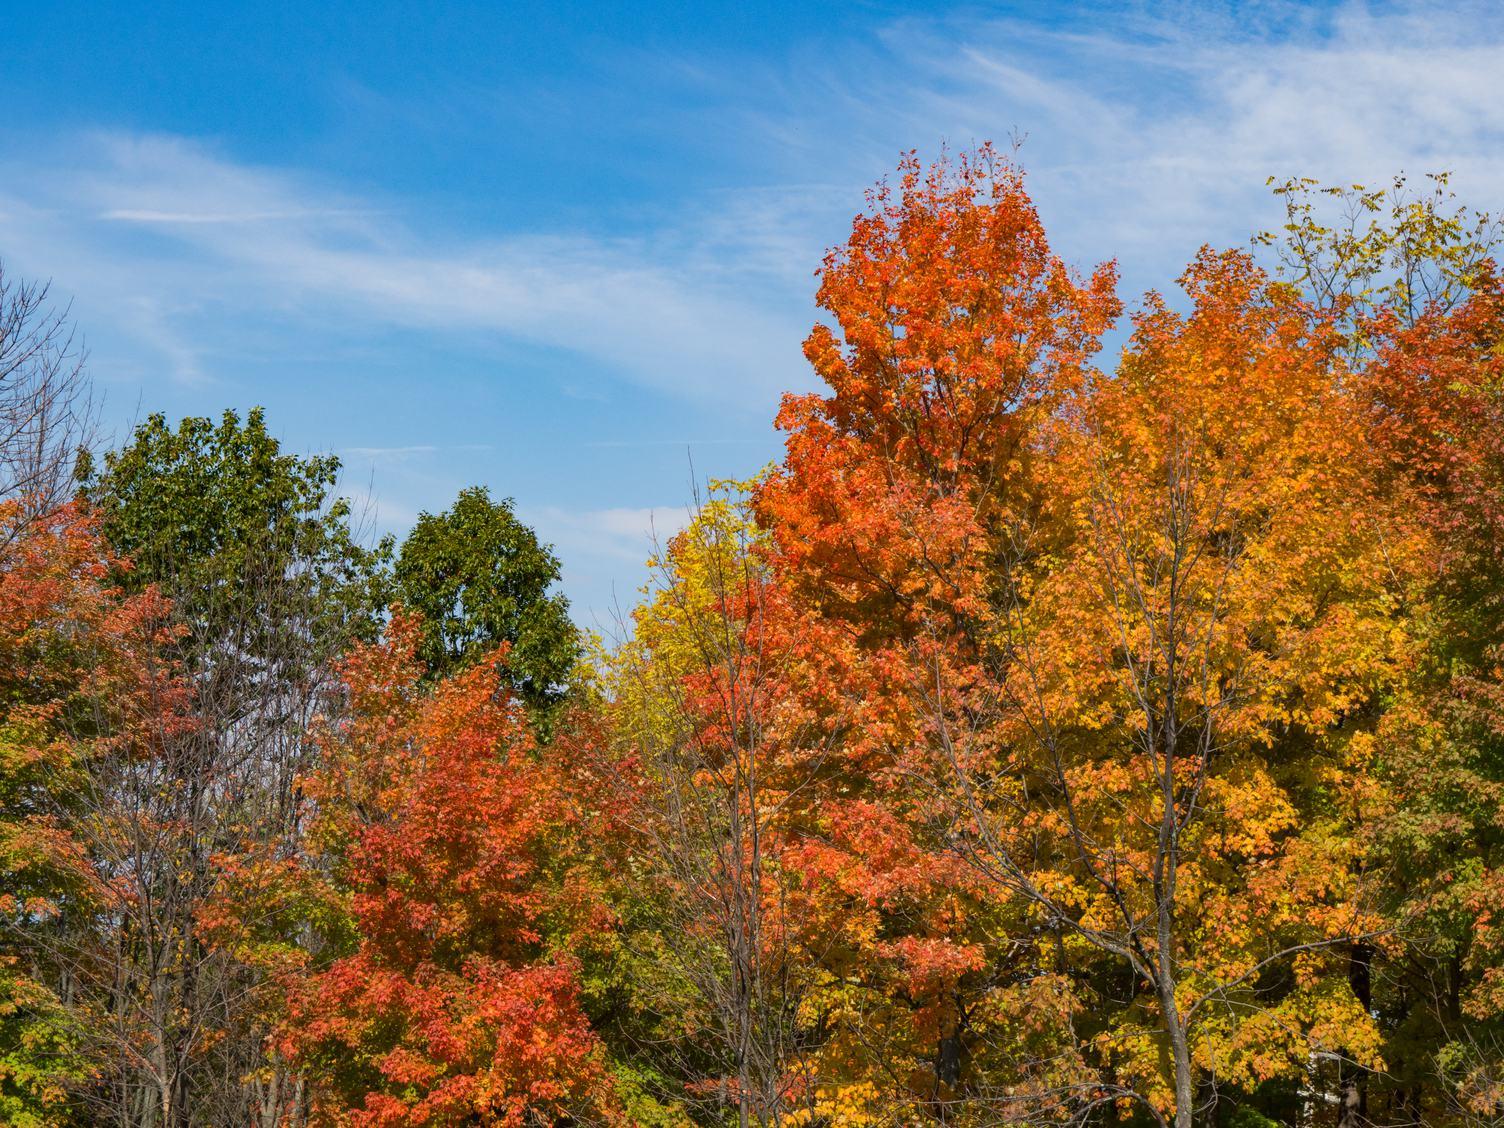 Autumn Trees against Blue Sky